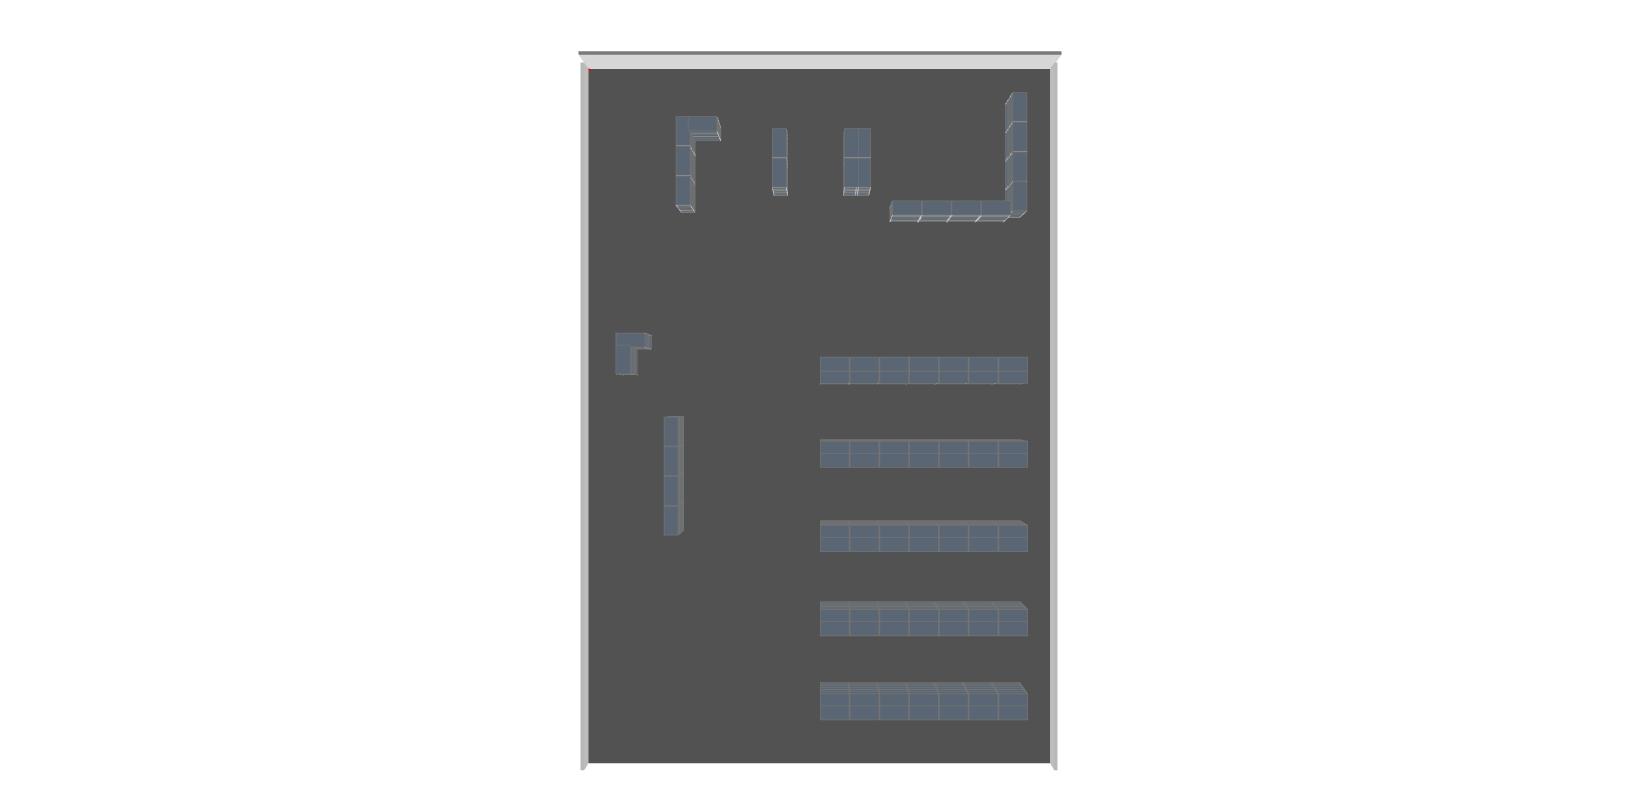 estanterias carga manual planta industrial